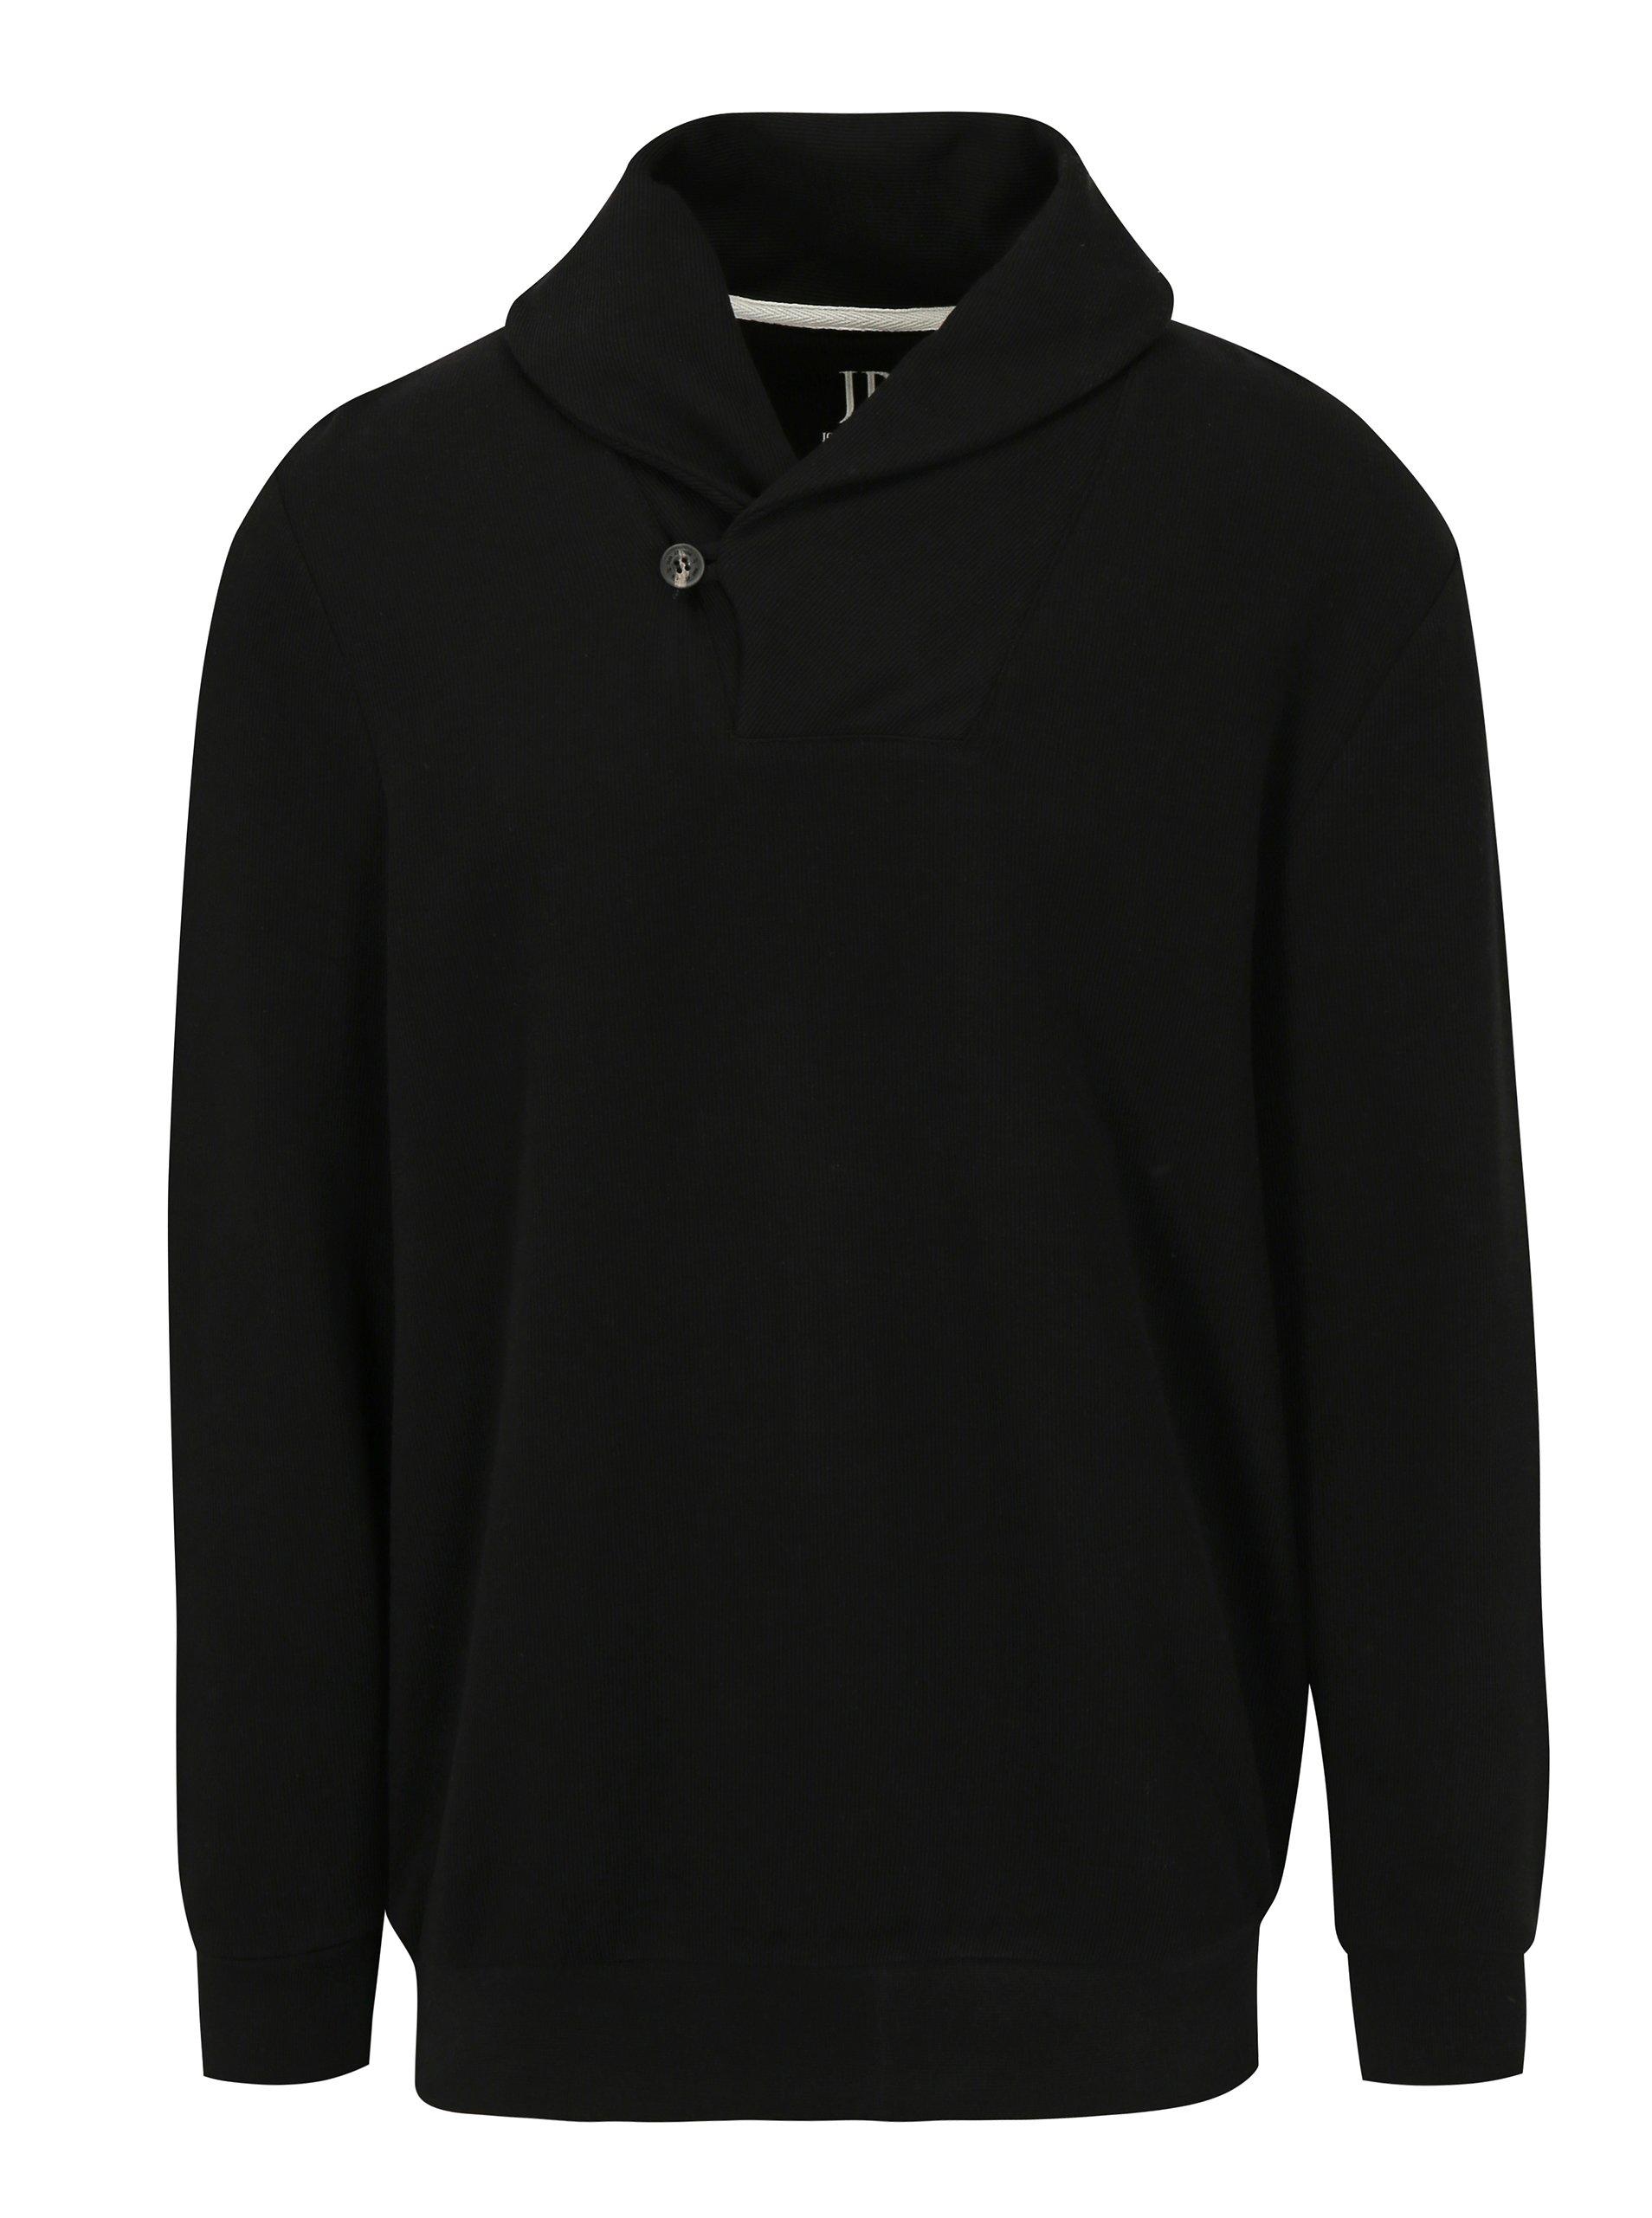 Černý pánský svetr s límcem JP 1880